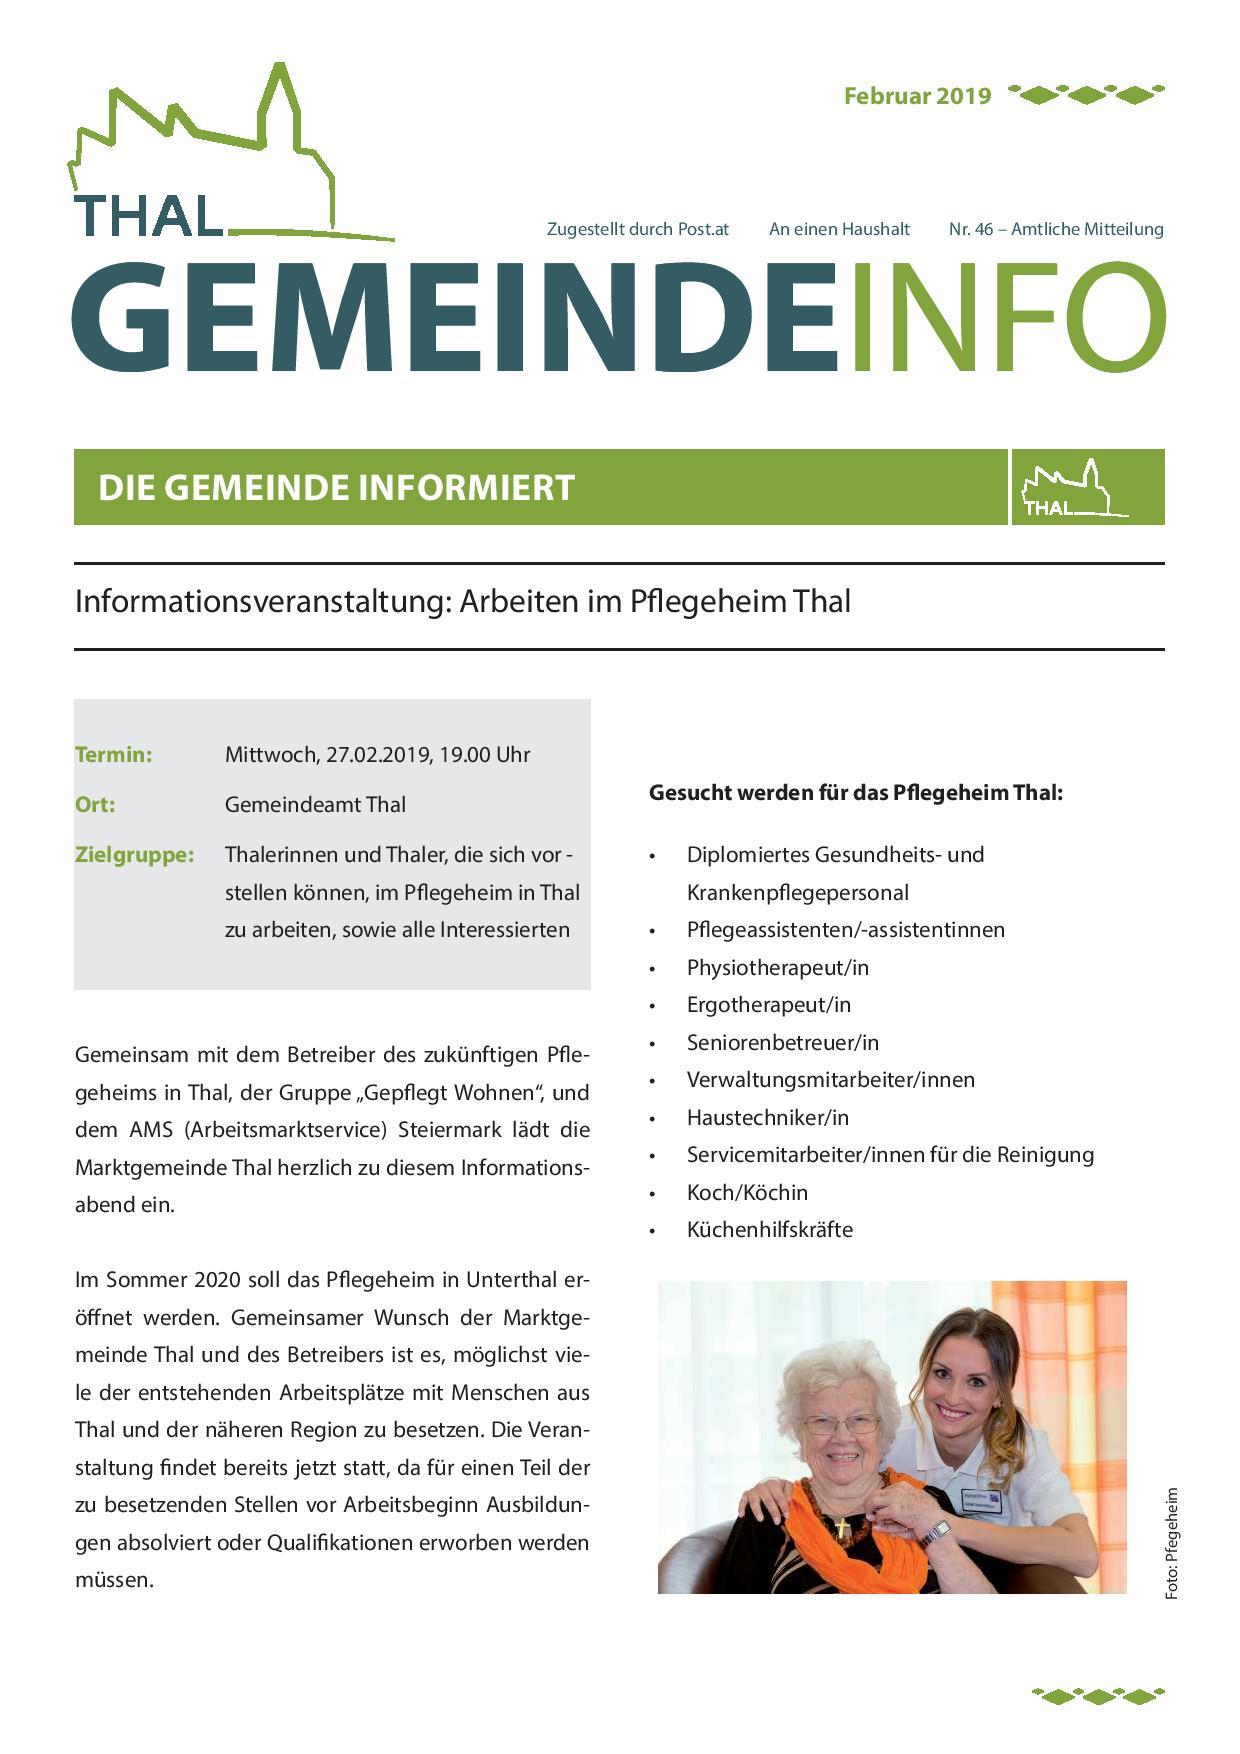 gemeindeTHAL-Flugblatt-Nr46.indd (002)-page-001